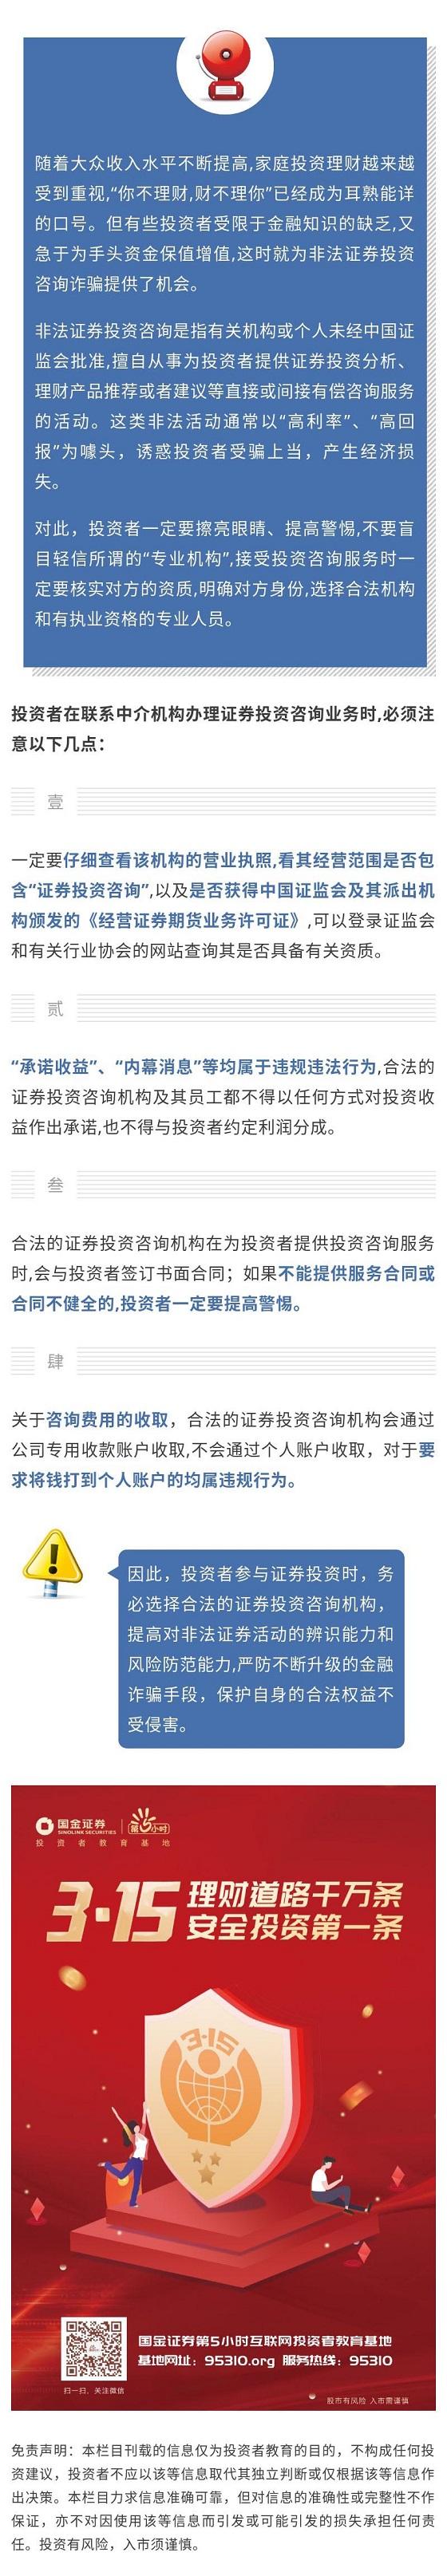 【3?15专题】理财道路千万条,安全投资第一条.jpg